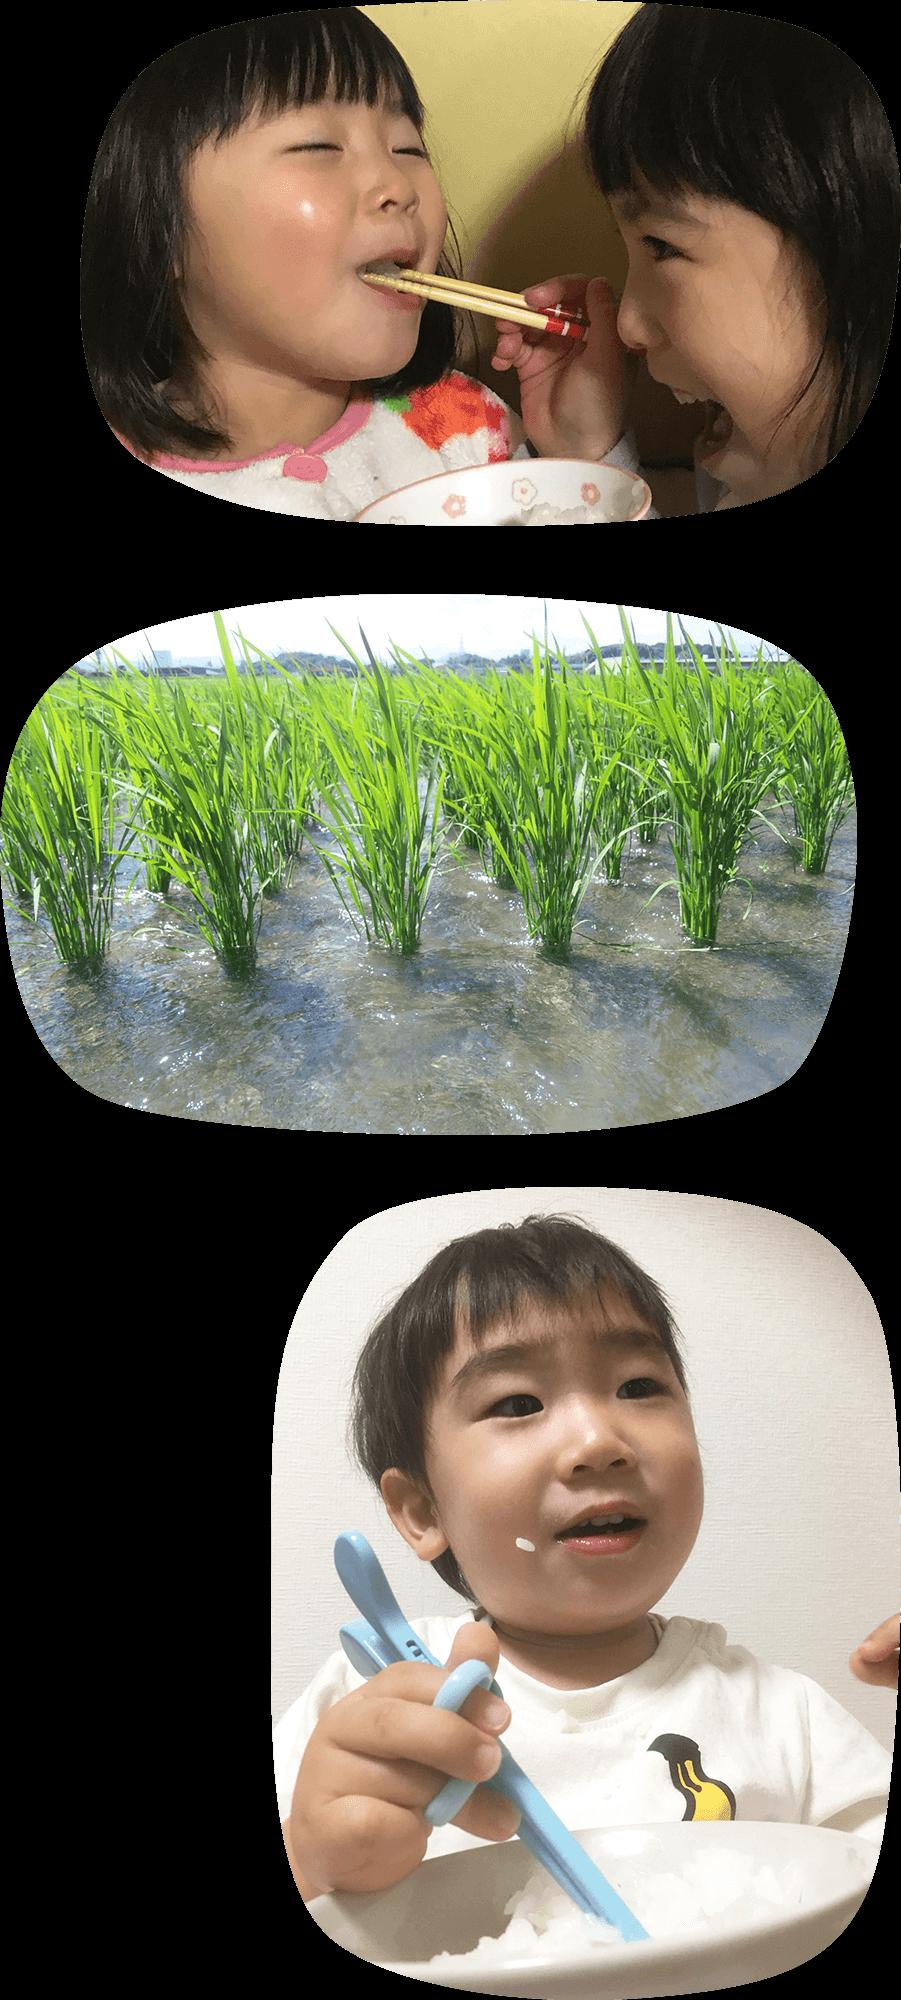 お子さんに笑顔で<br/>「おかわり!」して欲しい人へ。<br/><br/> 「美味しい!おかわり!」<br/> 食卓での笑顔をみると<br/>作ってよかったと嬉しくなります。<br/><br/> 稲にとって大切な栄養源である<br/> 「土づくり」に<br/> 通常よりも遥かに力を入れることで、<br/> お米の「美味しさ」を<br/> 引き上げる事ができました。<br/>